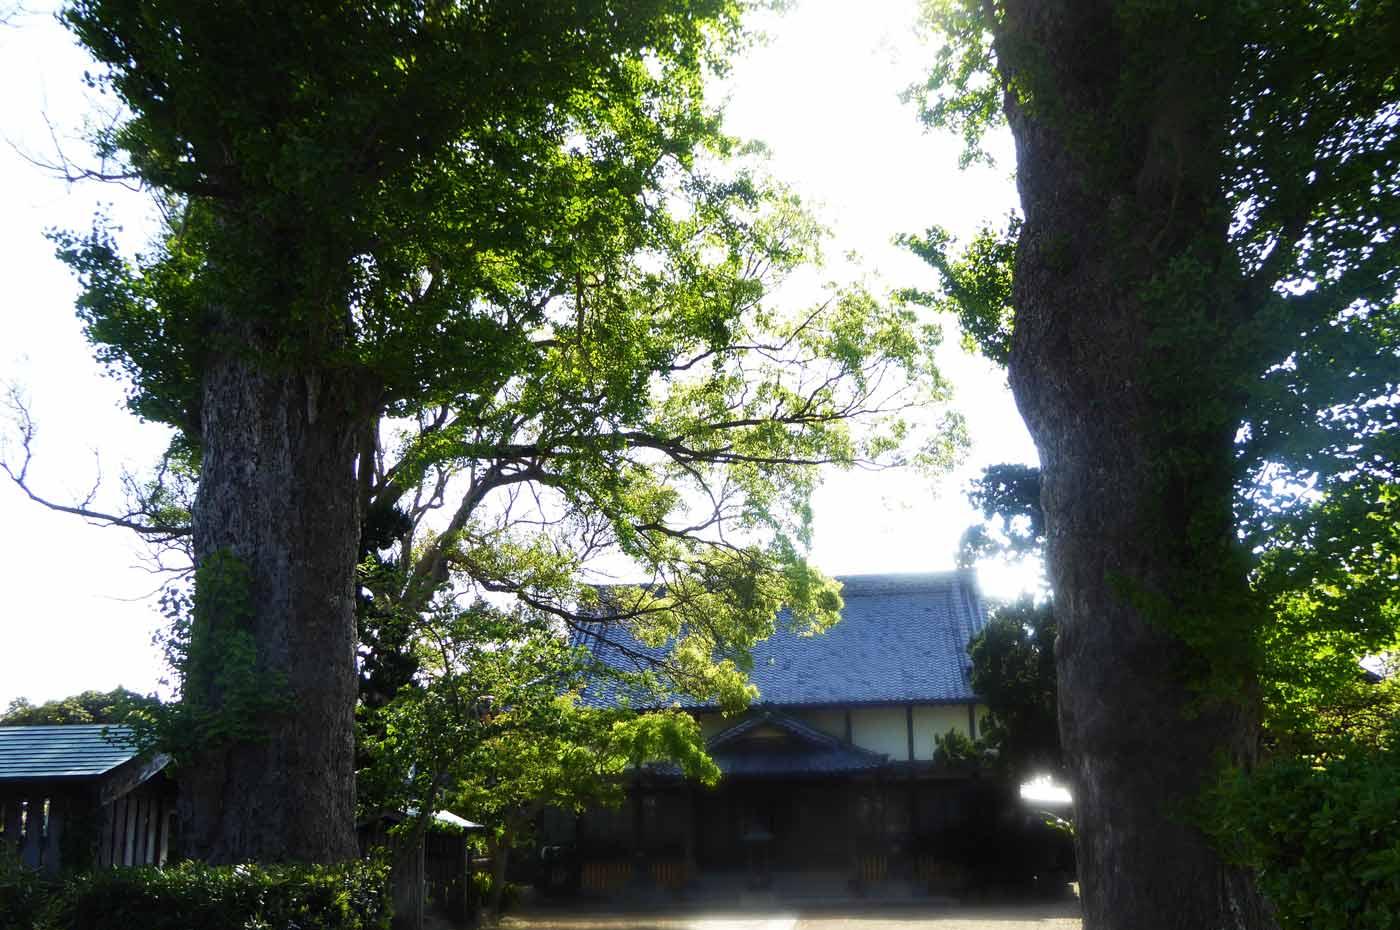 蓮台寺大銀杏と本堂の画像